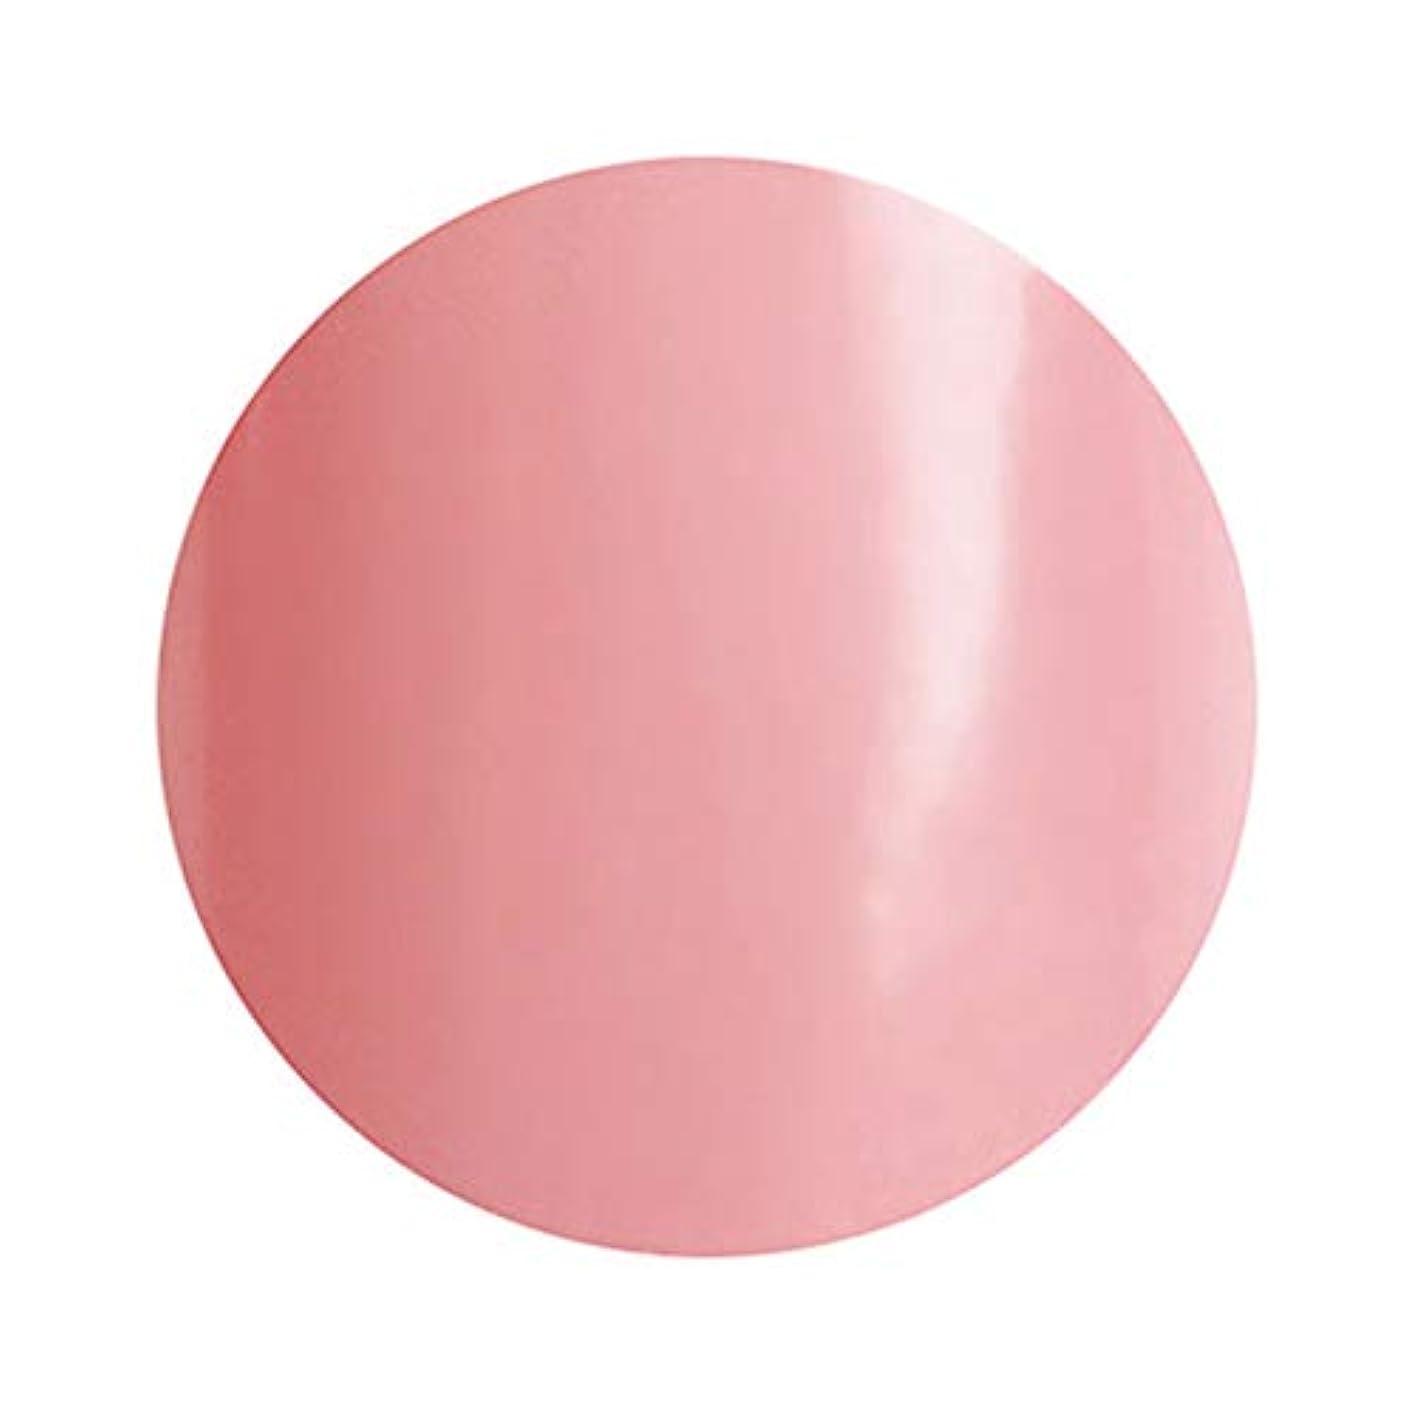 バラ色楽しむ効果的にpara gel パラジェル カラージェル S034 ブーケピンク 4g (久永ひろよプロデュース)